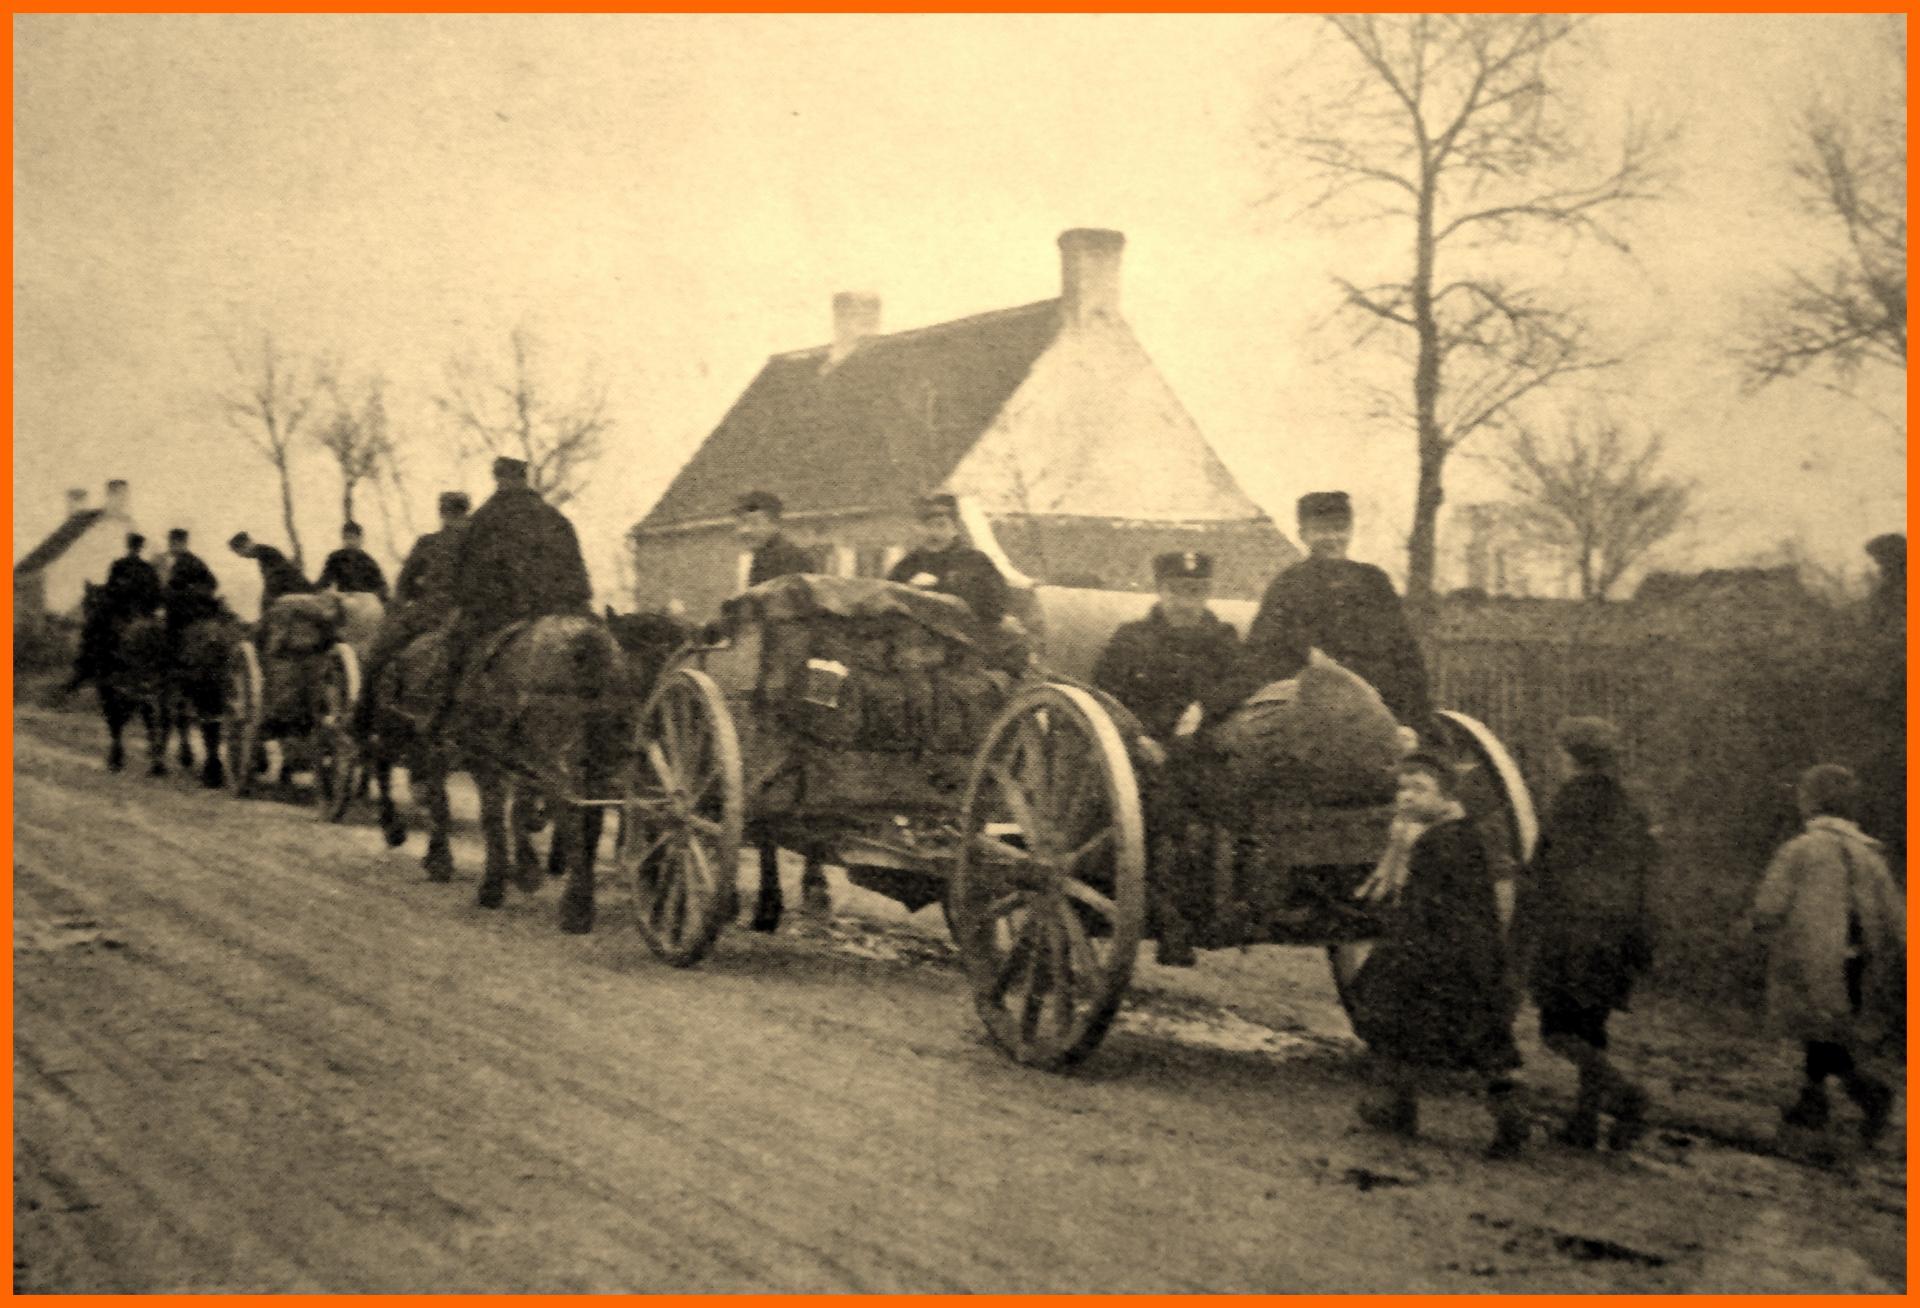 Calais 14 18 artillerie belge en retraite passant au beau marais apres la defense d anvers encadre